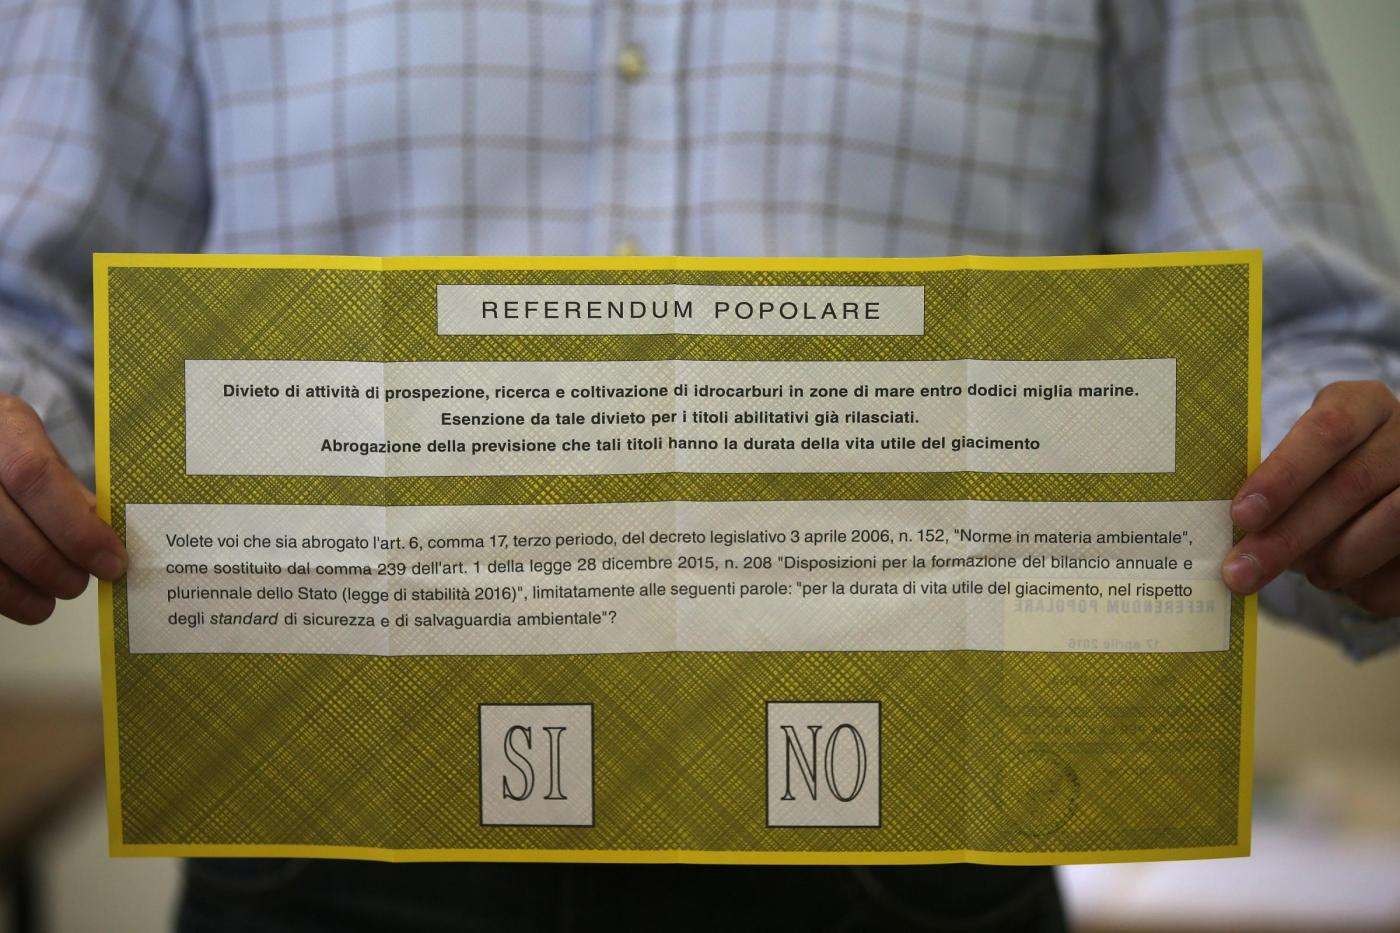 Referendum trivelle, Comitato per il sì annuncia ricorso